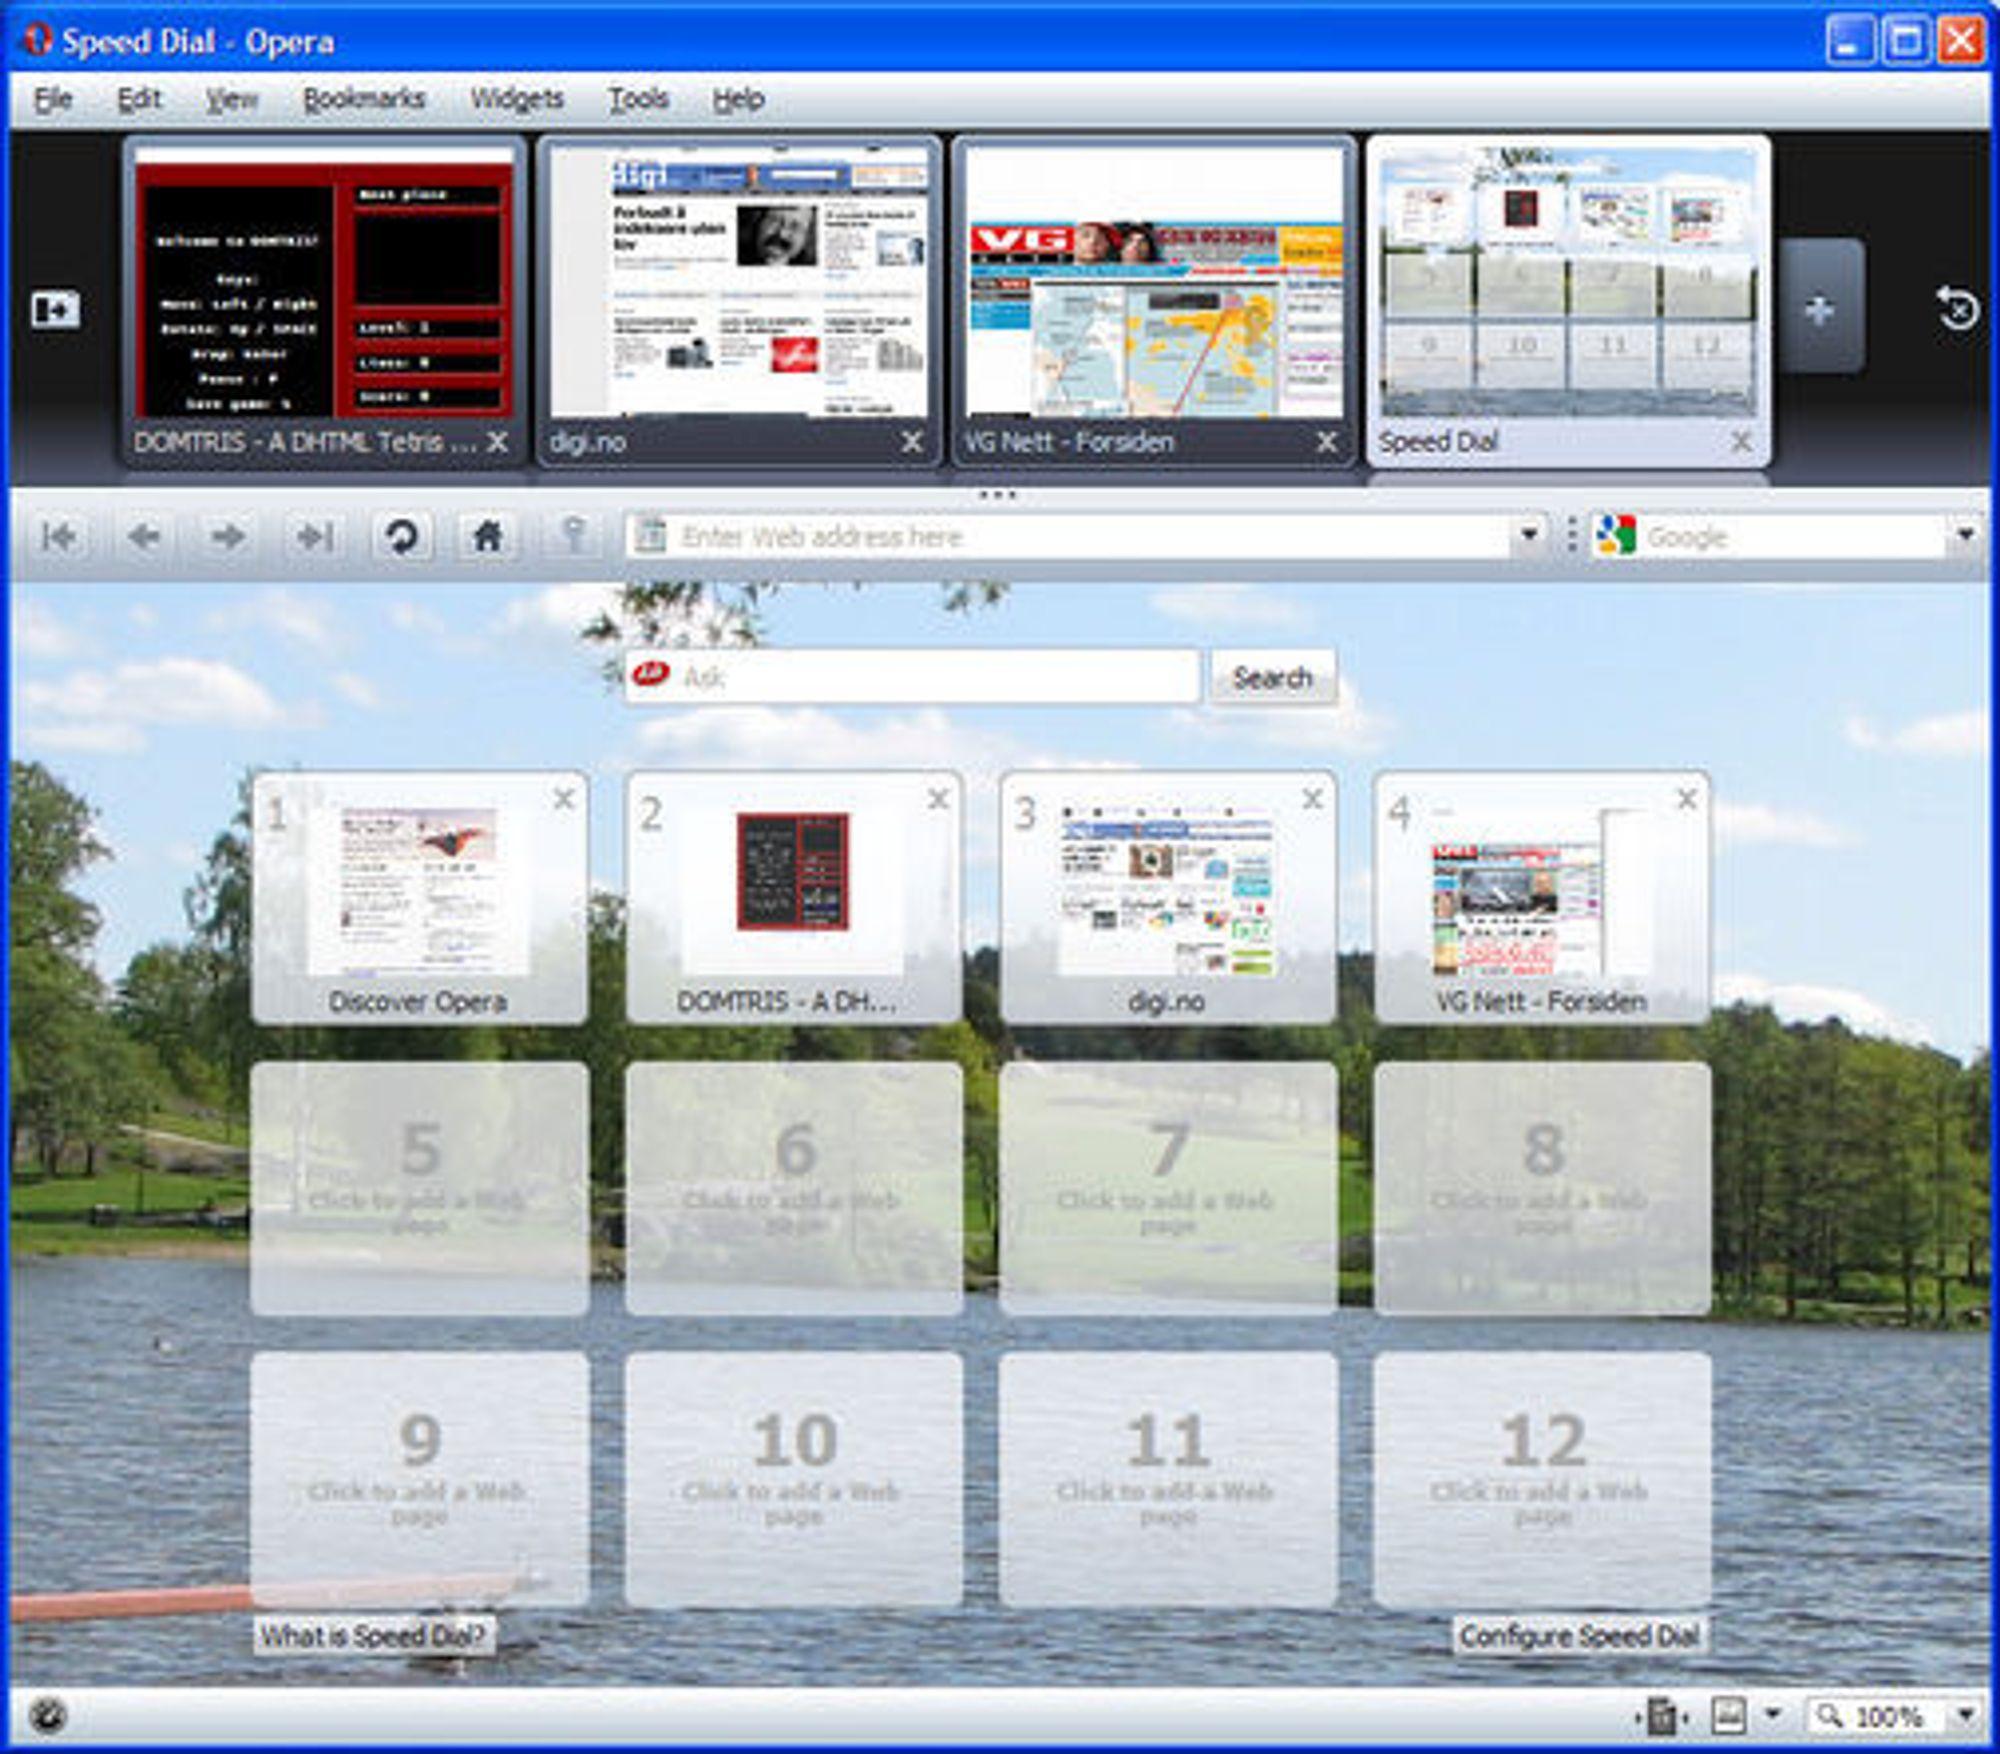 Utvidet Soeed Dial i Opera 10 beta. På toppen vises miniatyrbilder av fanene.